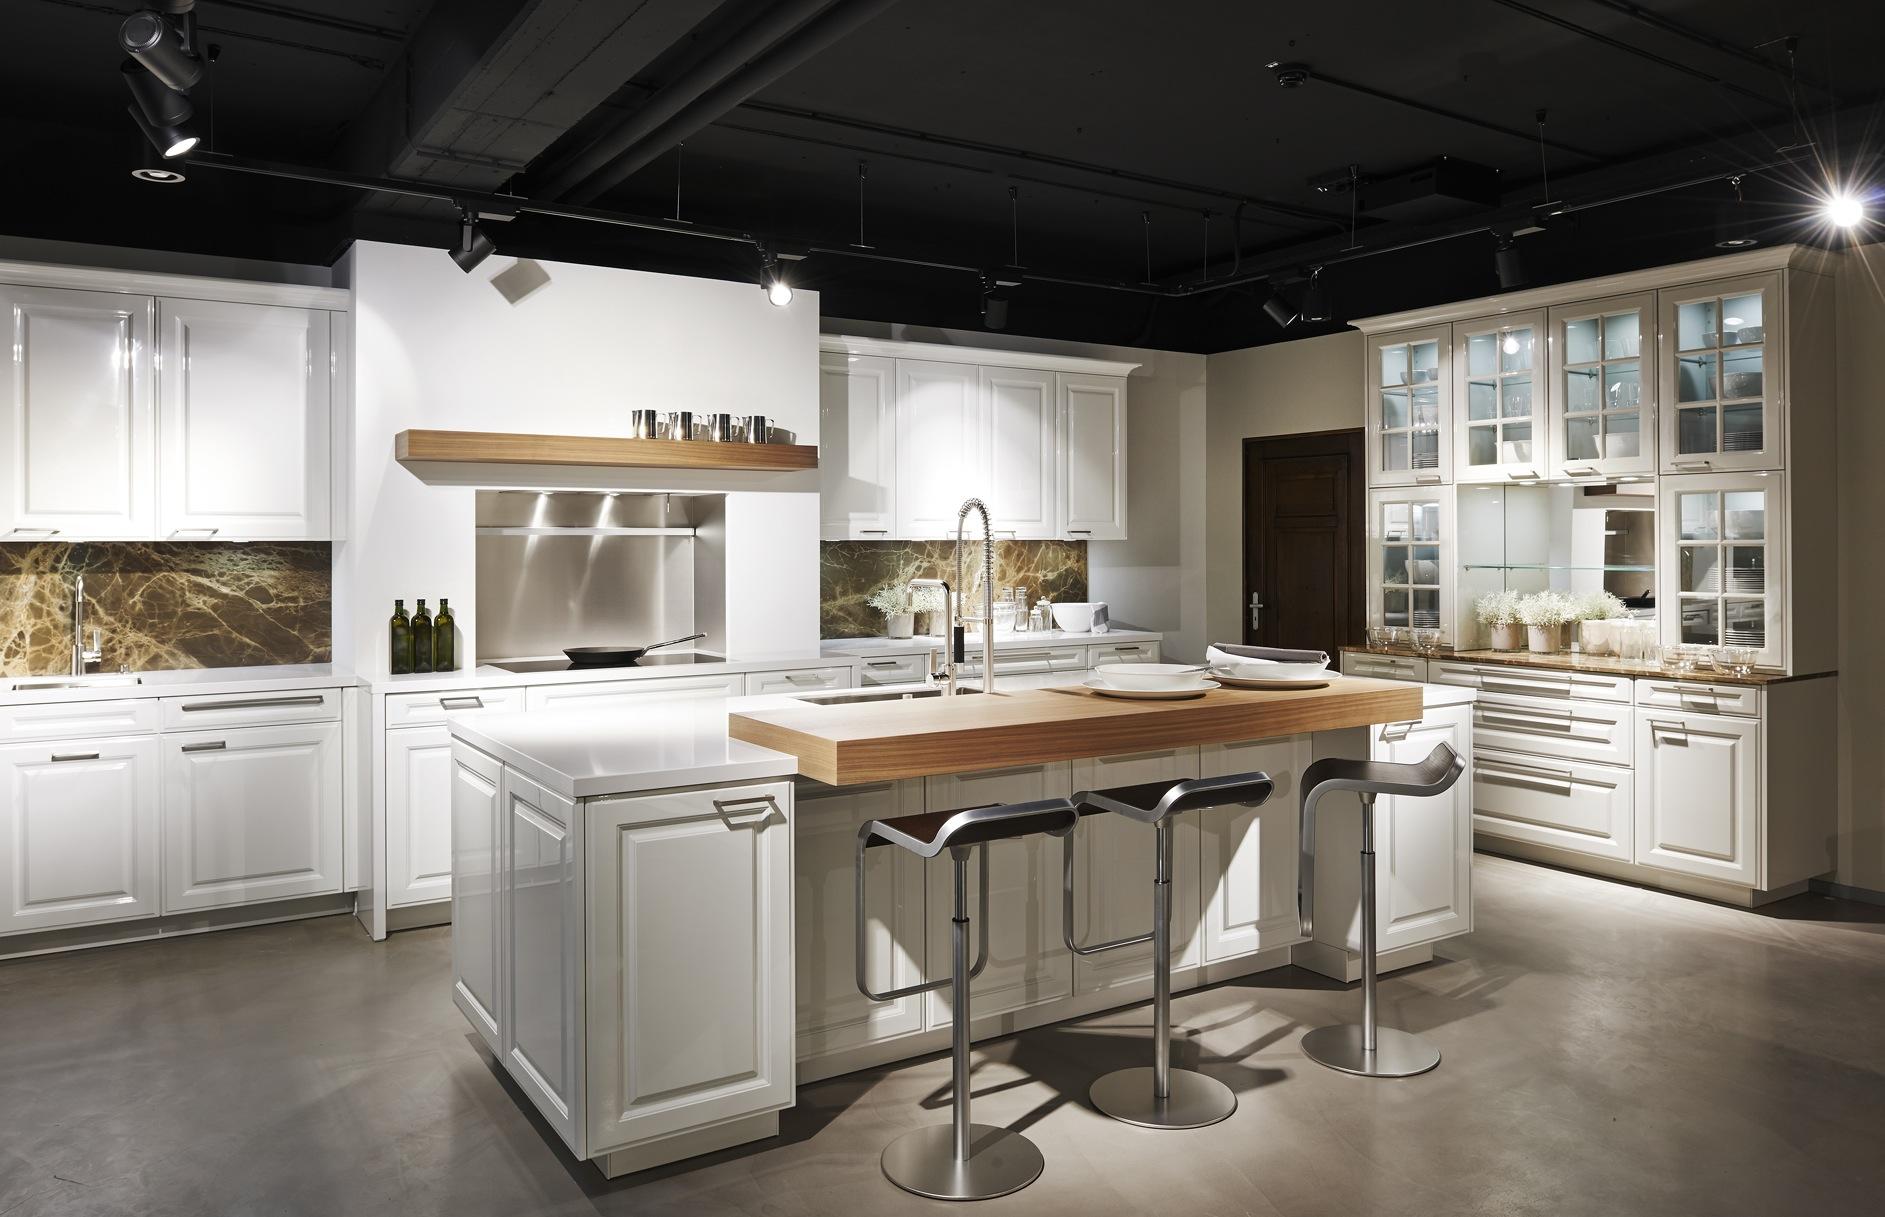 Keuken In Souterrain : Poggenpohl creëert variatie door keukenfronten uw keuken.nl